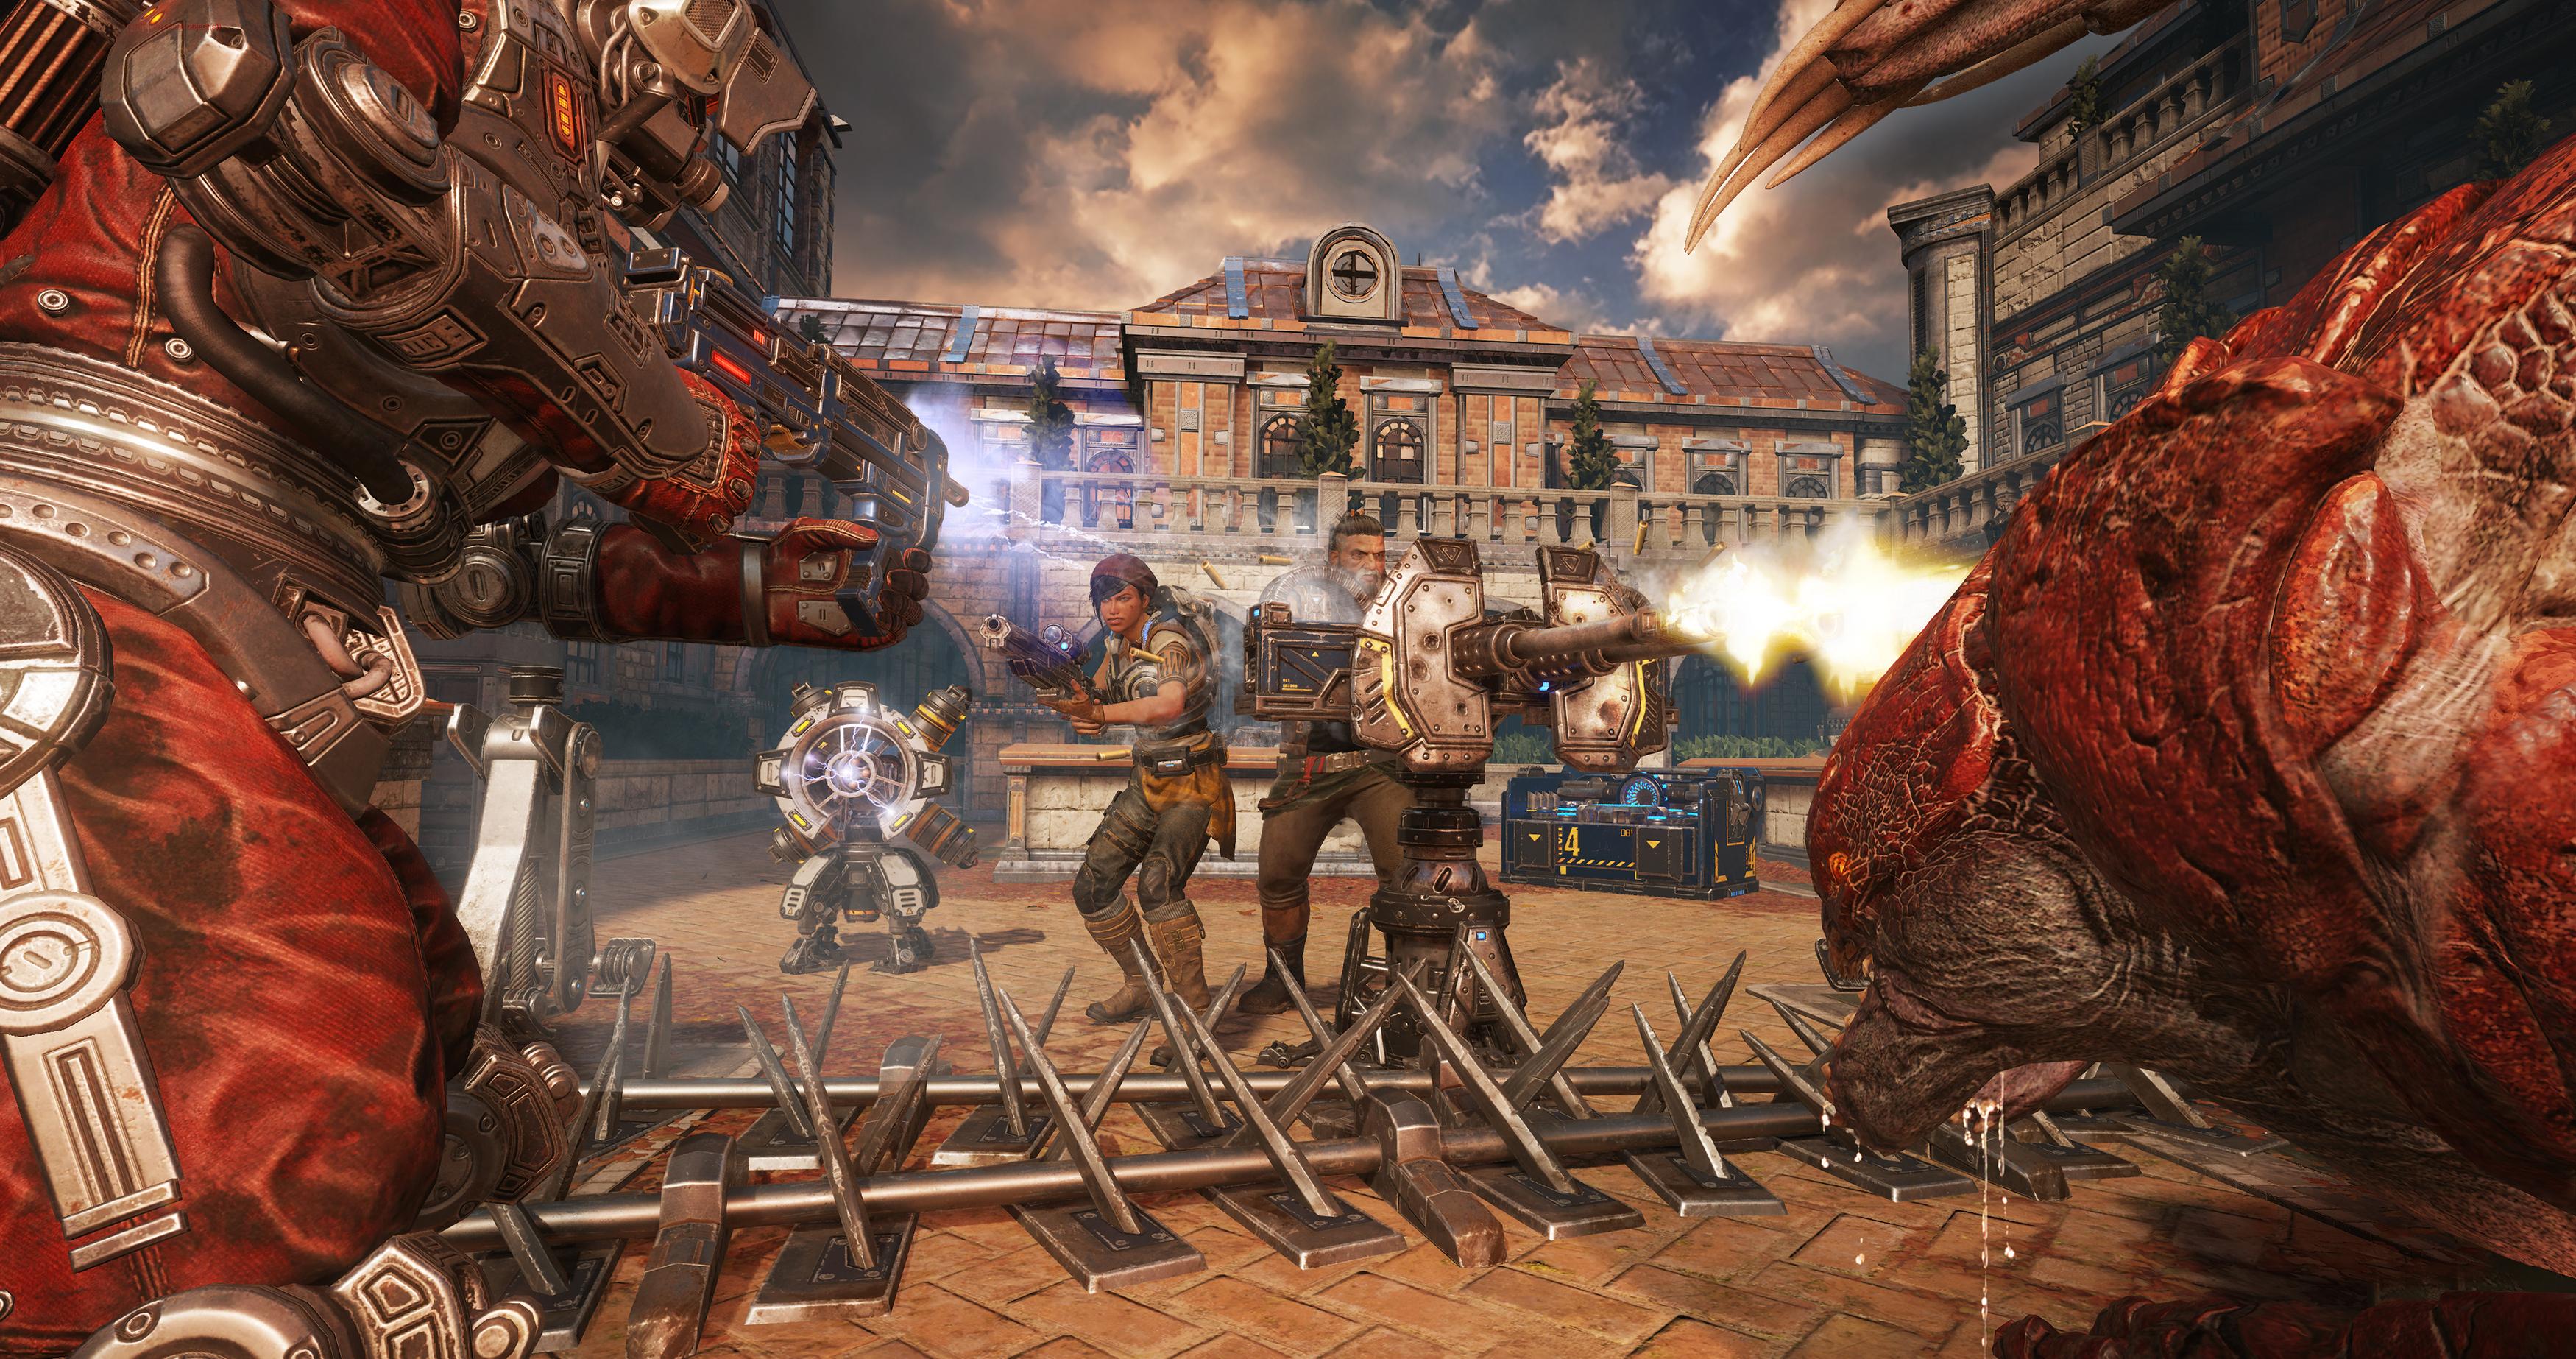 Nové obrázky z Gears of War 4 130100